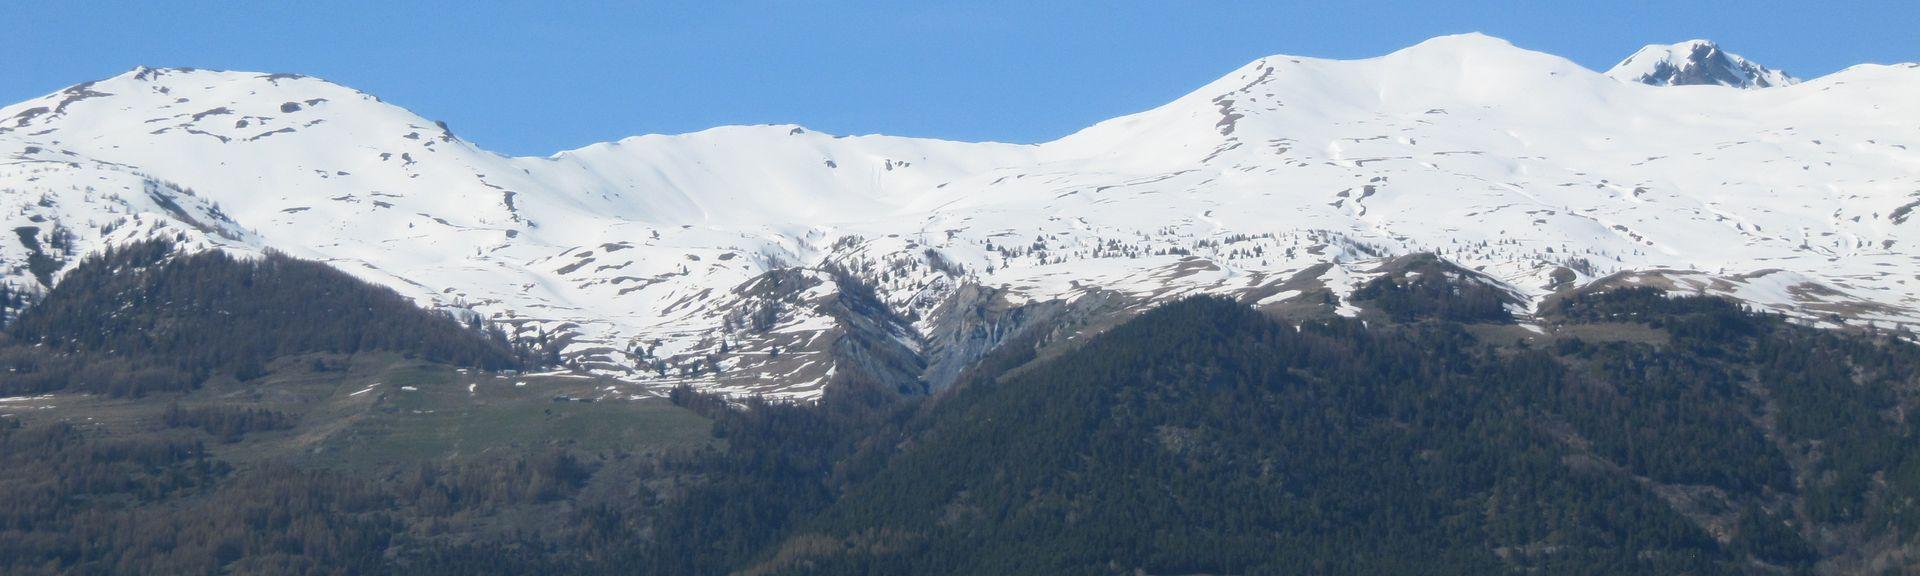 La Thuile Ski Area, La Thuile, Italy